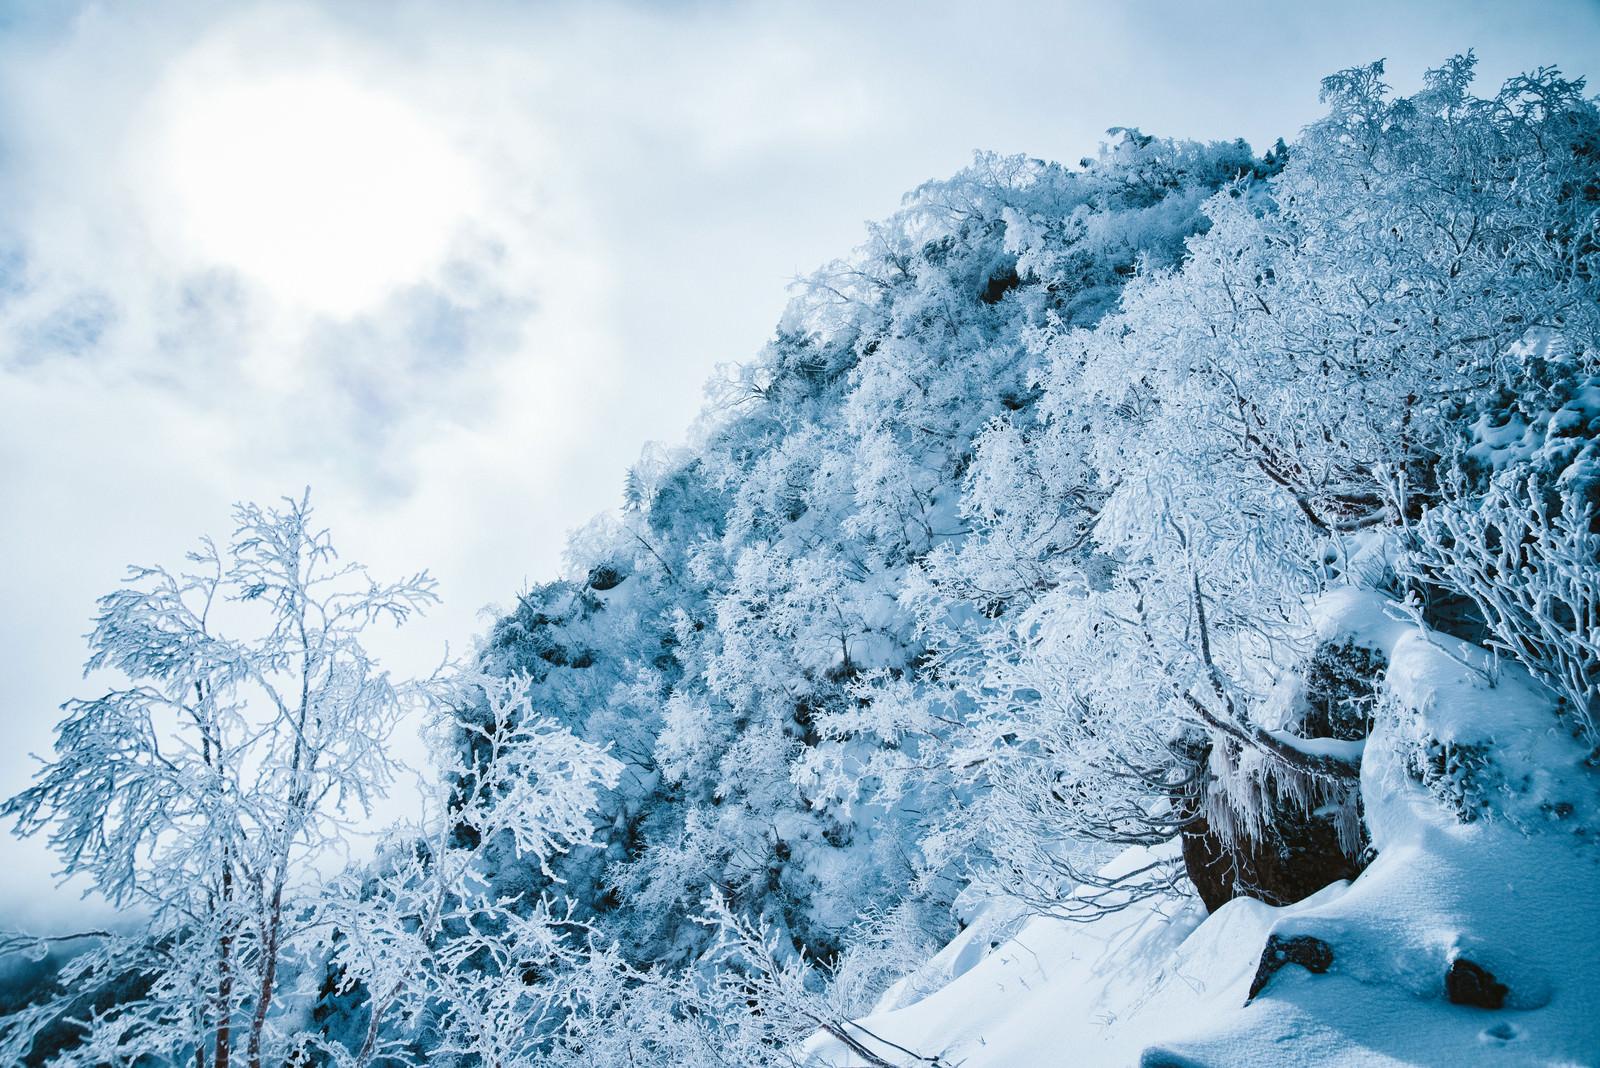 「幻想的な樹氷の白銀の世界」の写真